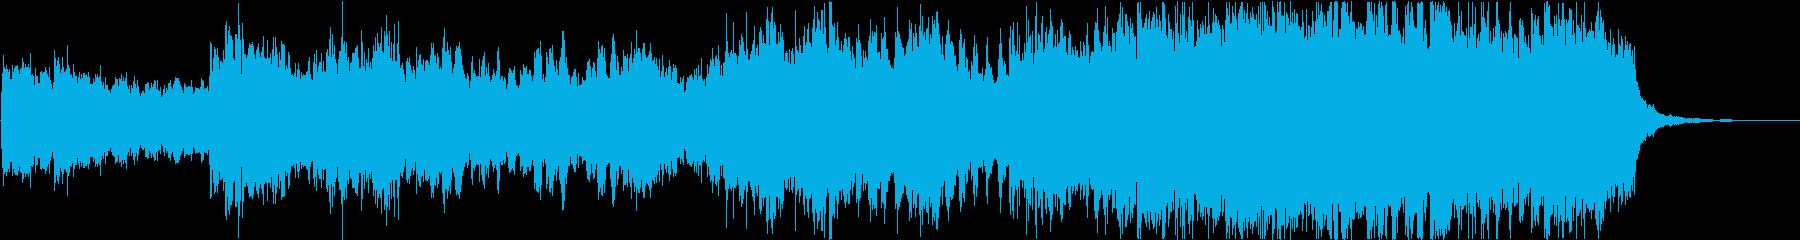 暗いトレイラー的な映像等に最適なBGMの再生済みの波形